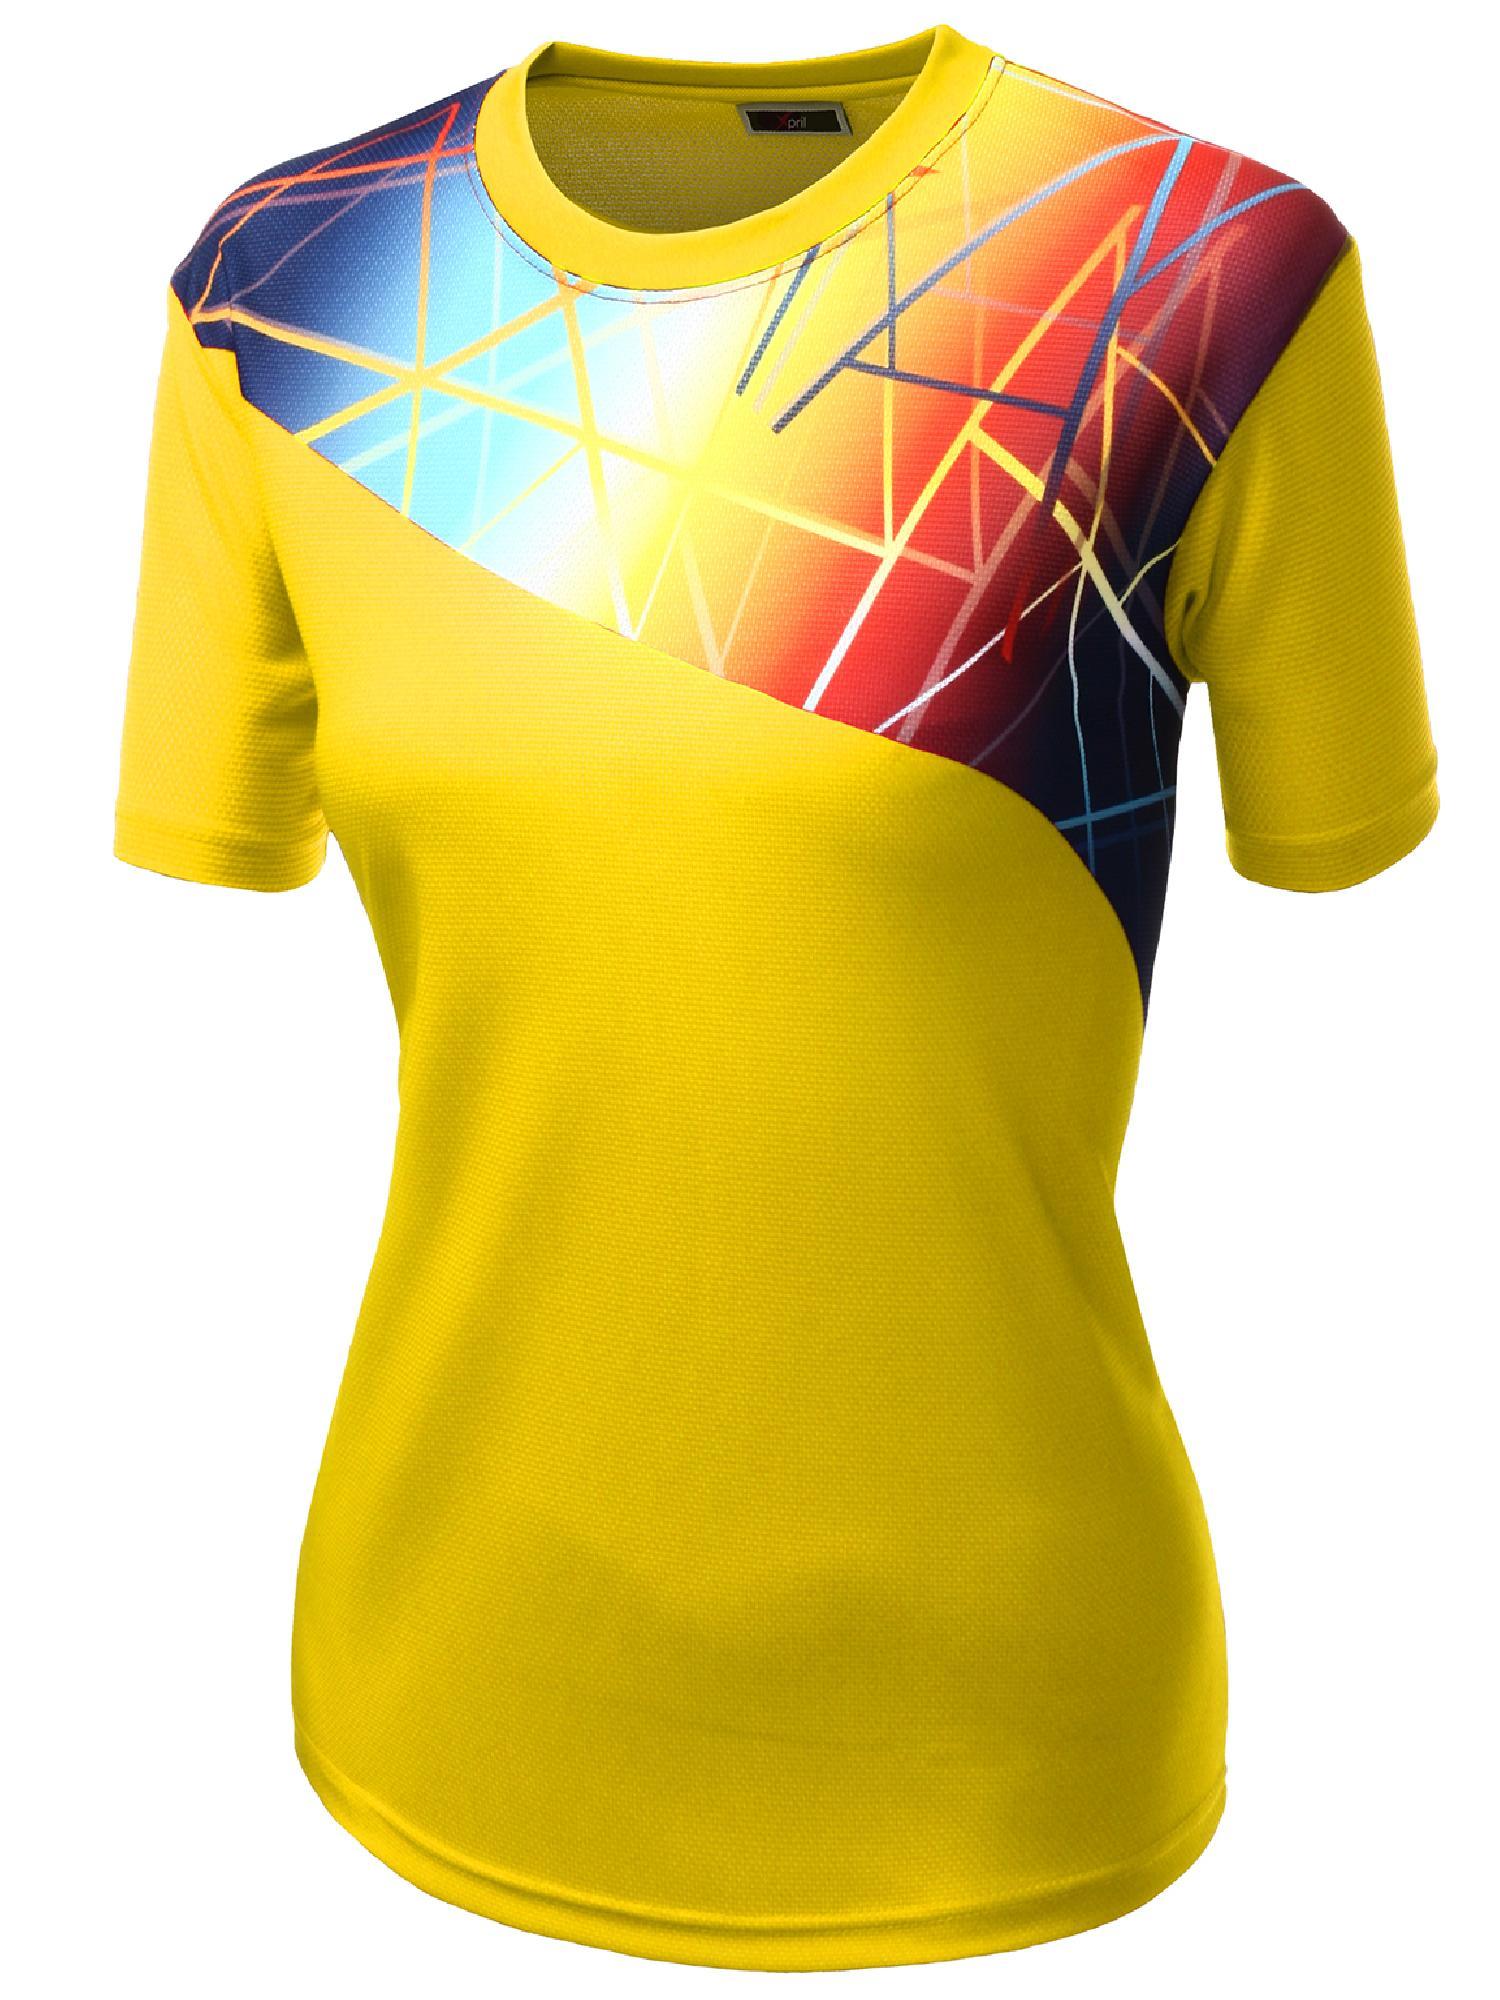 5046dc38 FashionOutfit - FashionOutfit Women's Coolever Premium Sporty T-Shirt -  Walmart.com